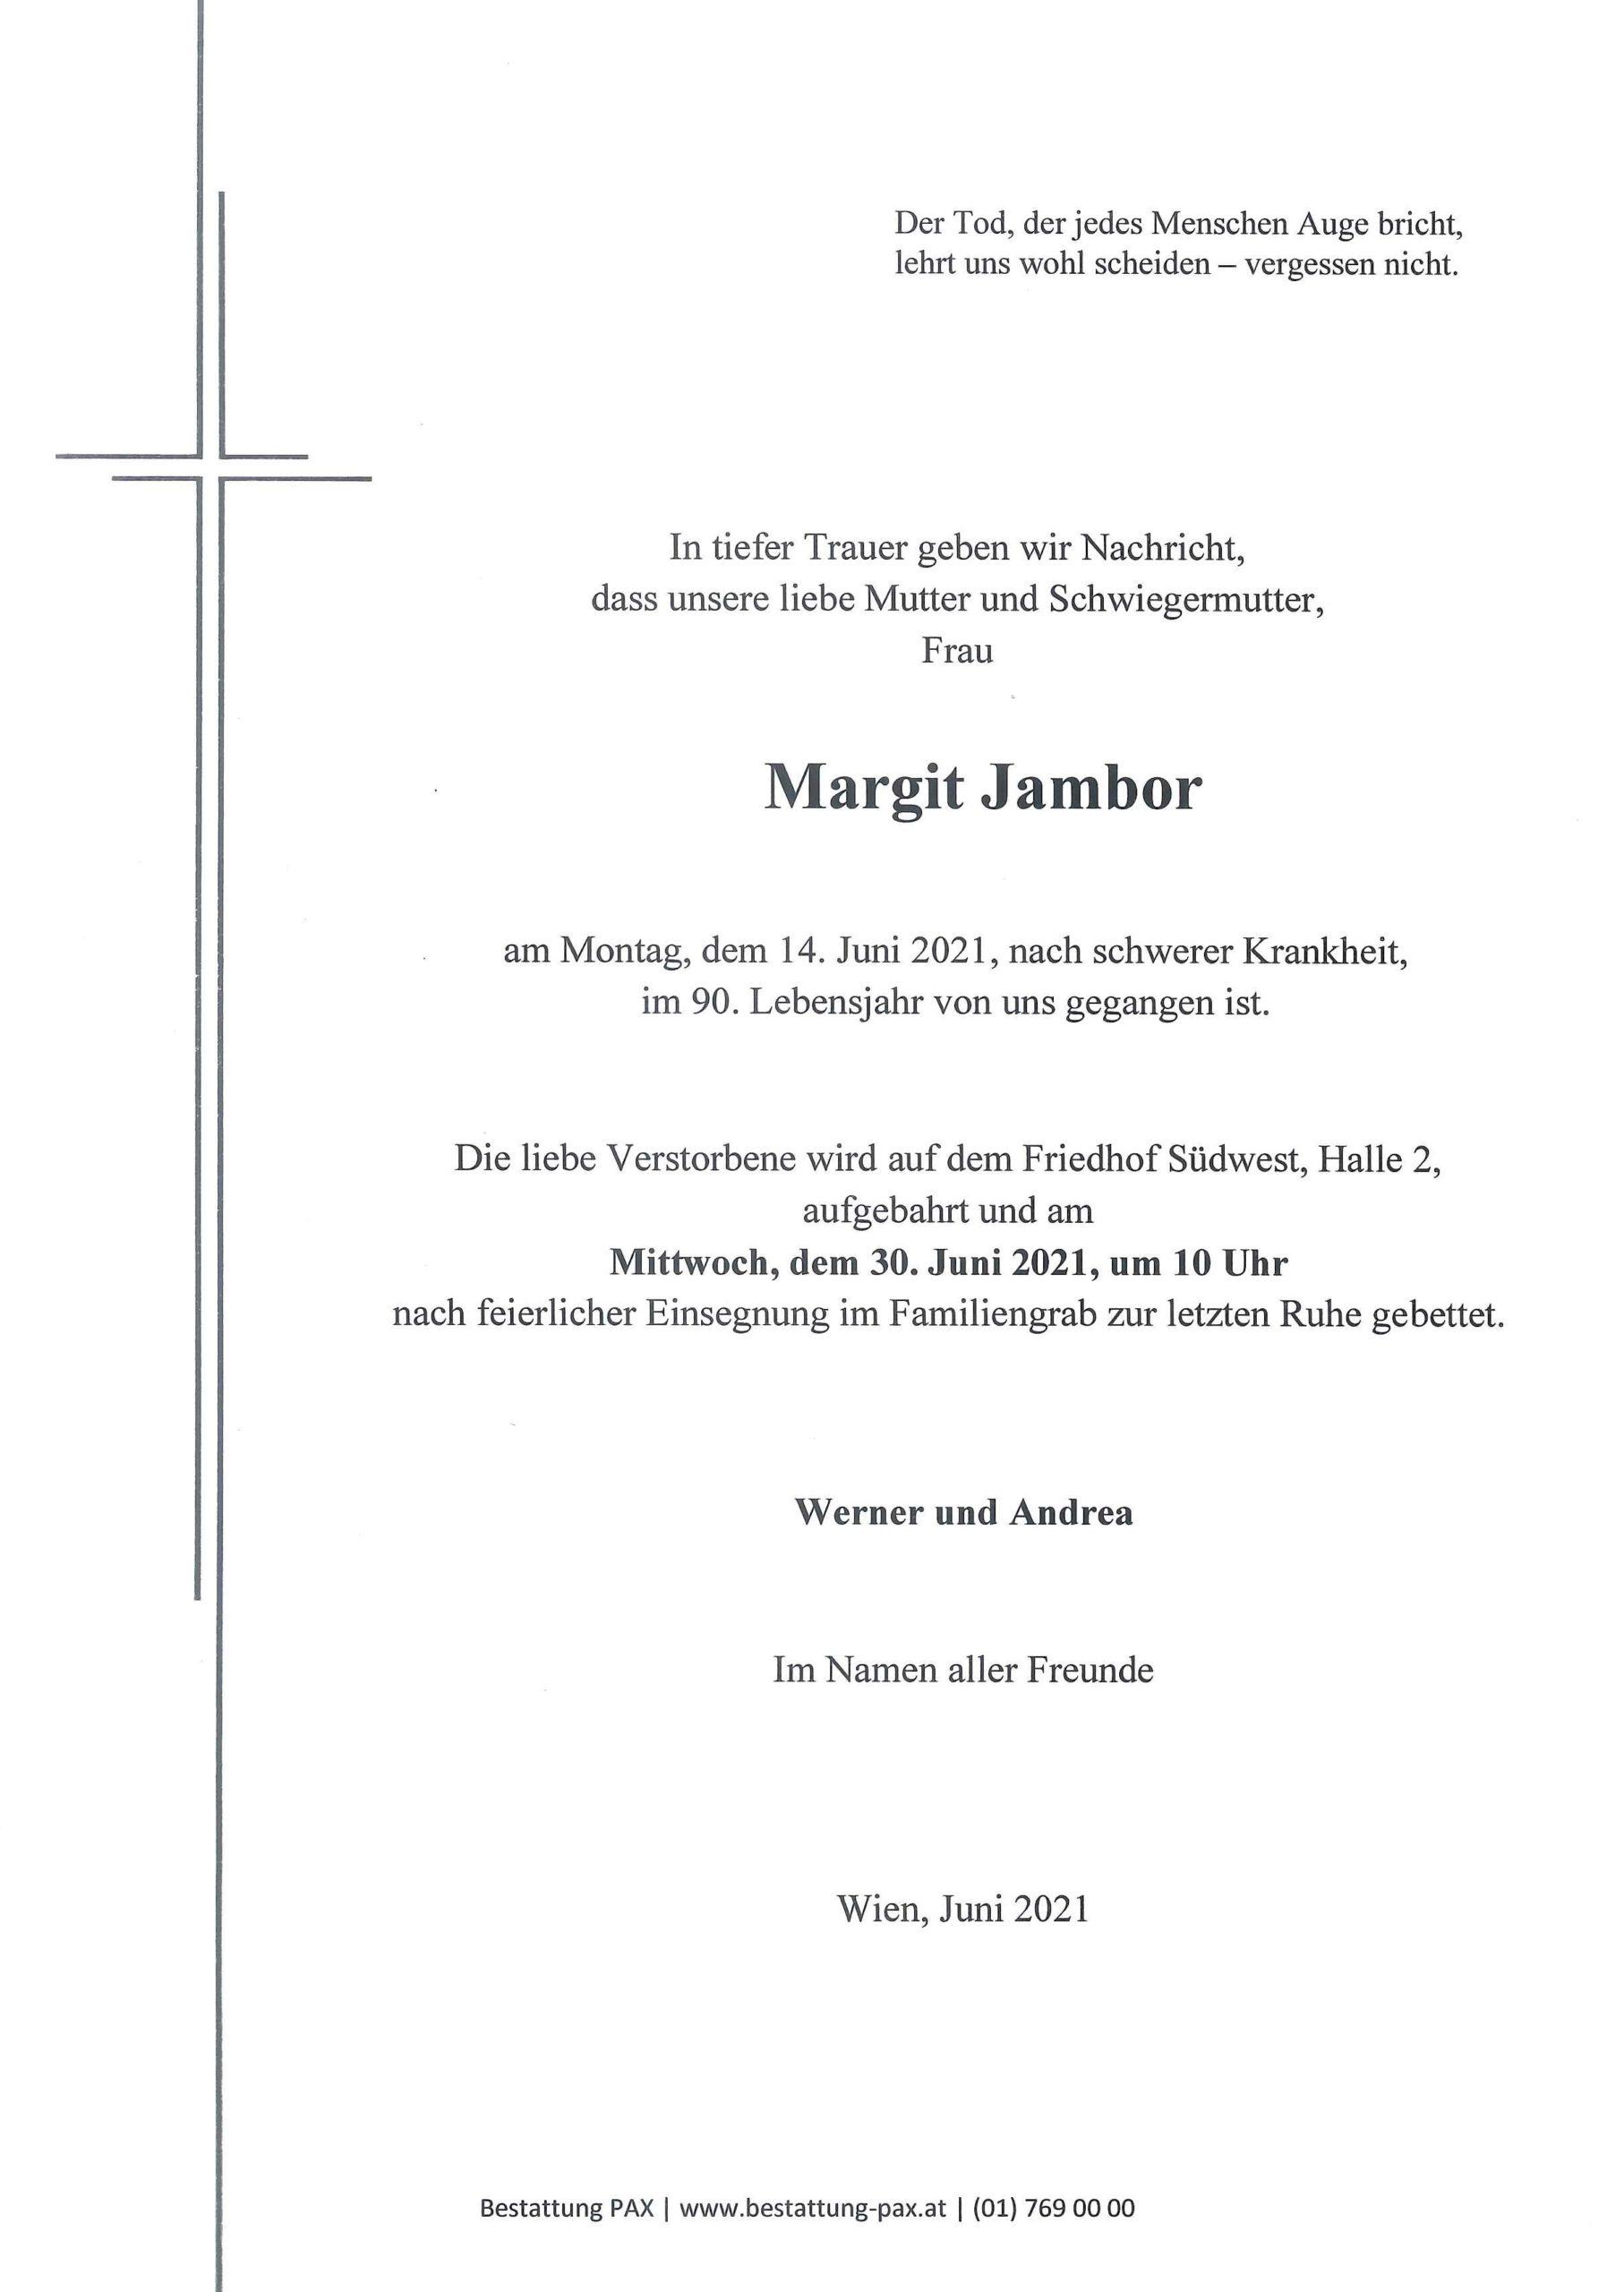 Margit Jambor